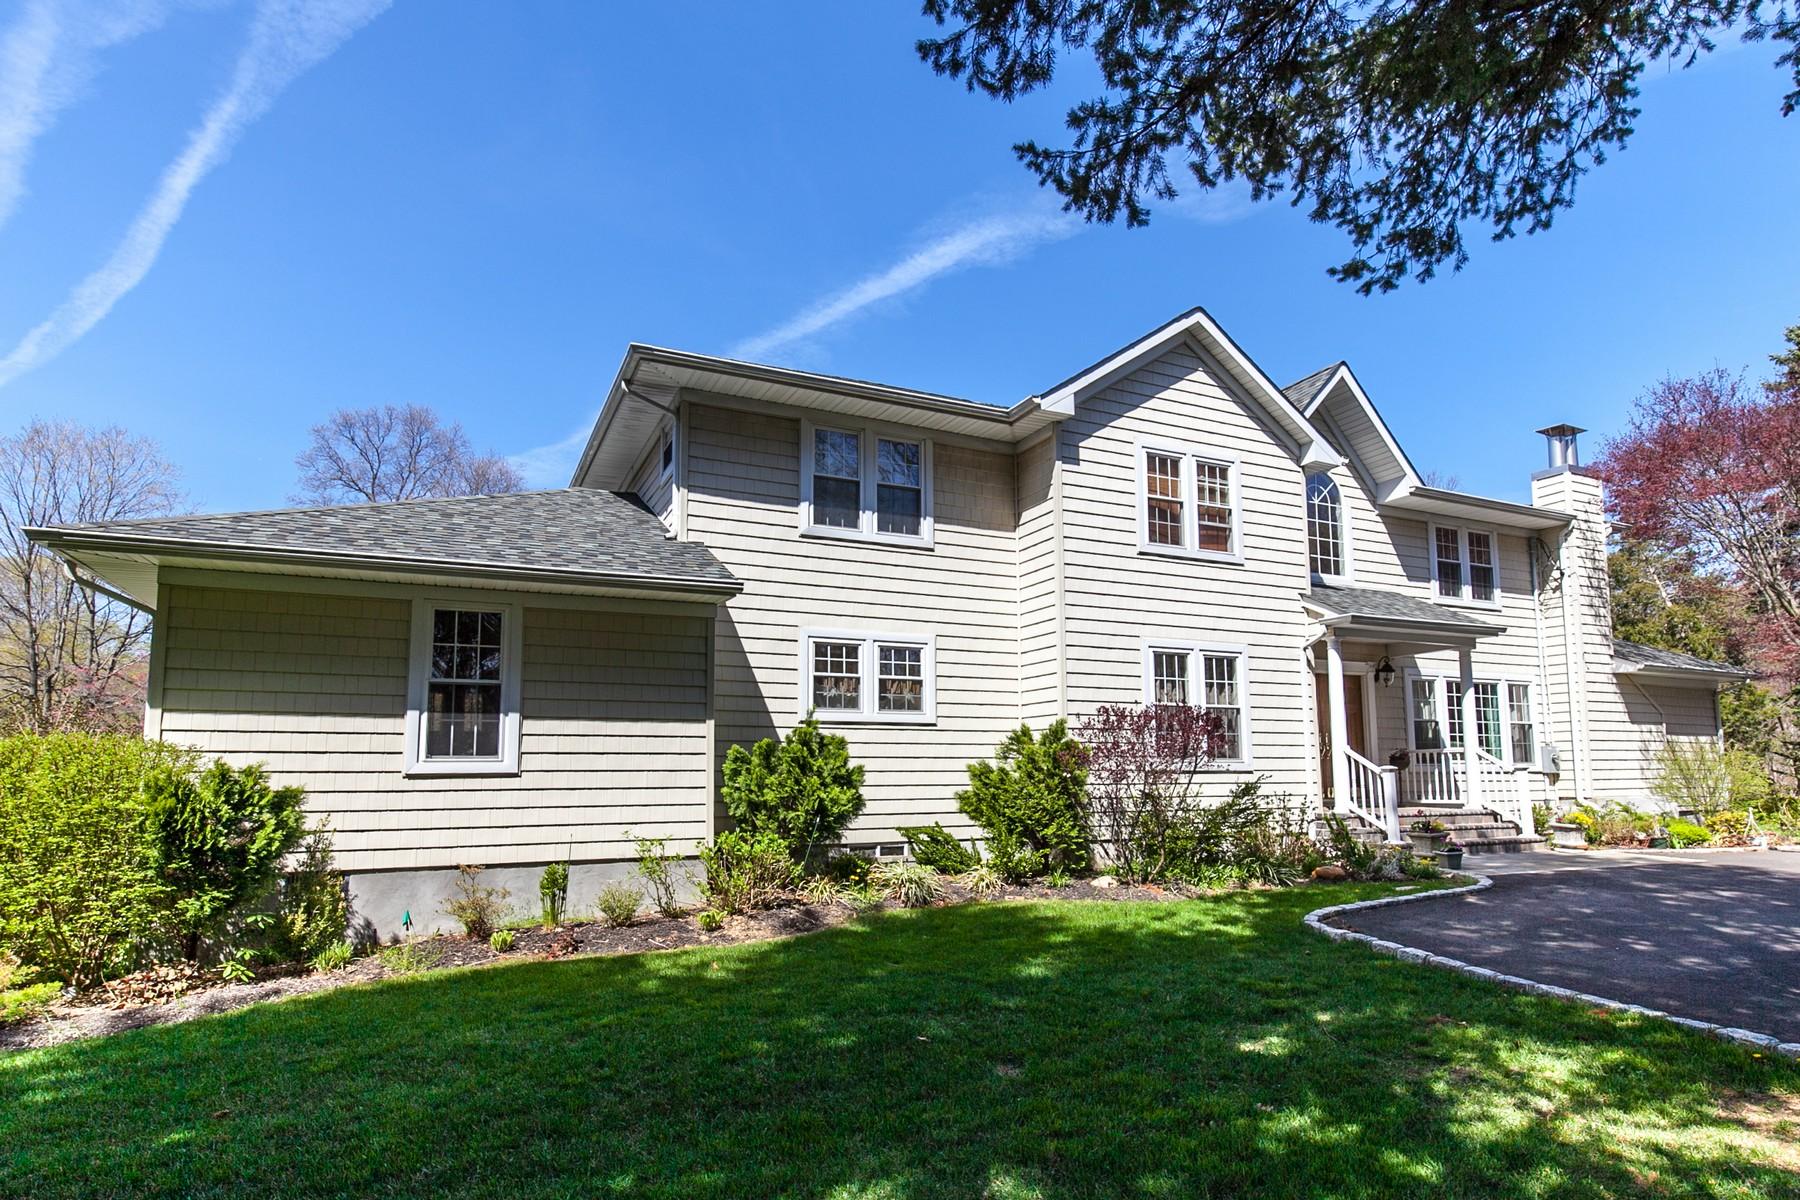 一戸建て のために 売買 アット Colonial 16 Oak Ln Northport, ニューヨーク, 11768 アメリカ合衆国